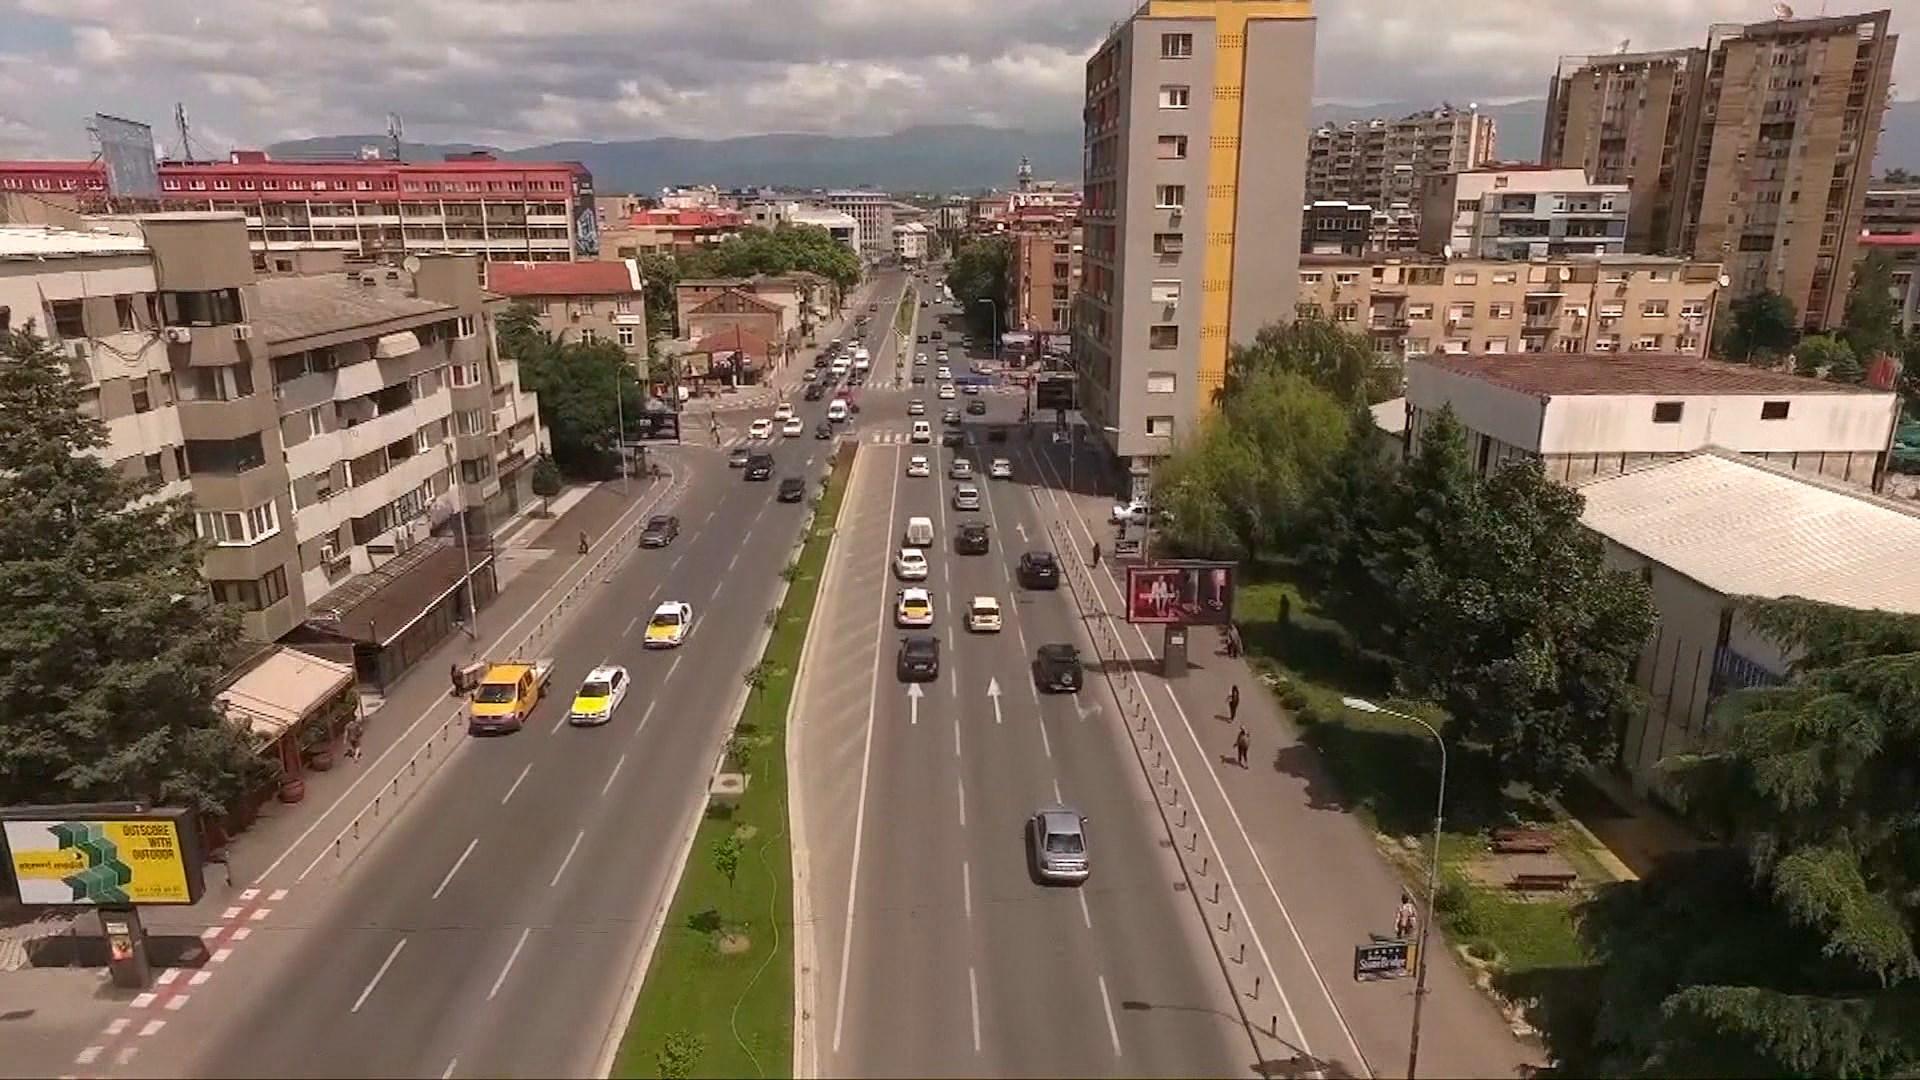 Maqedoni e Veriut, rikthehet në gjykim rasti i vrasjes së pesëfishtë ne liqenin e Smillkovës